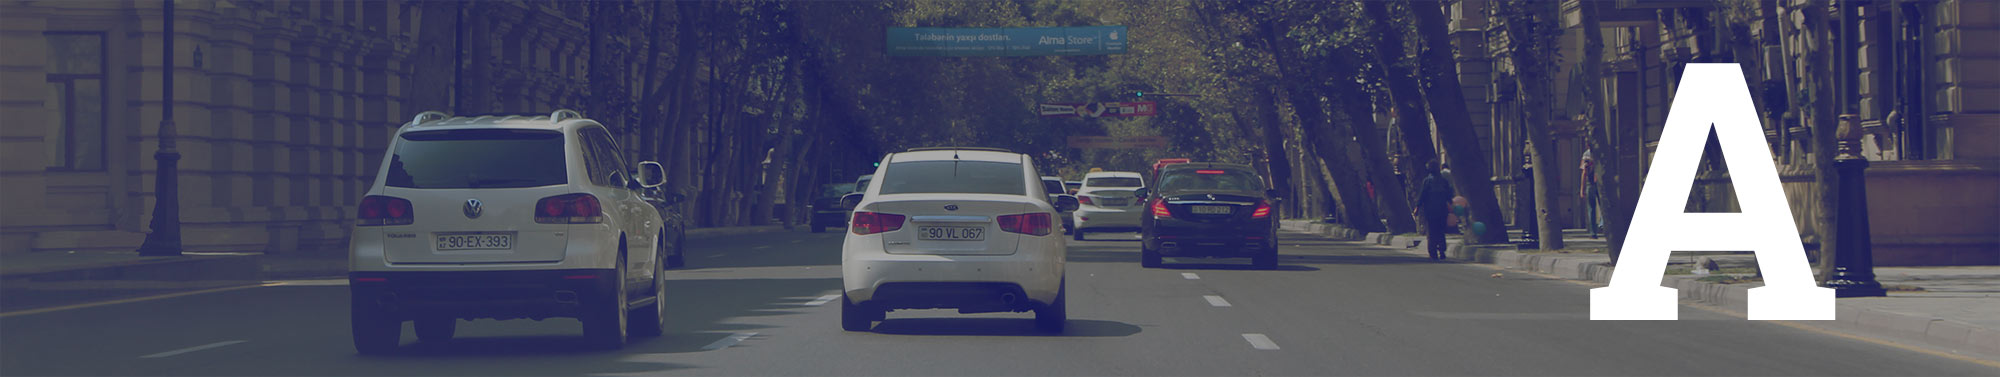 car-iig-insurance